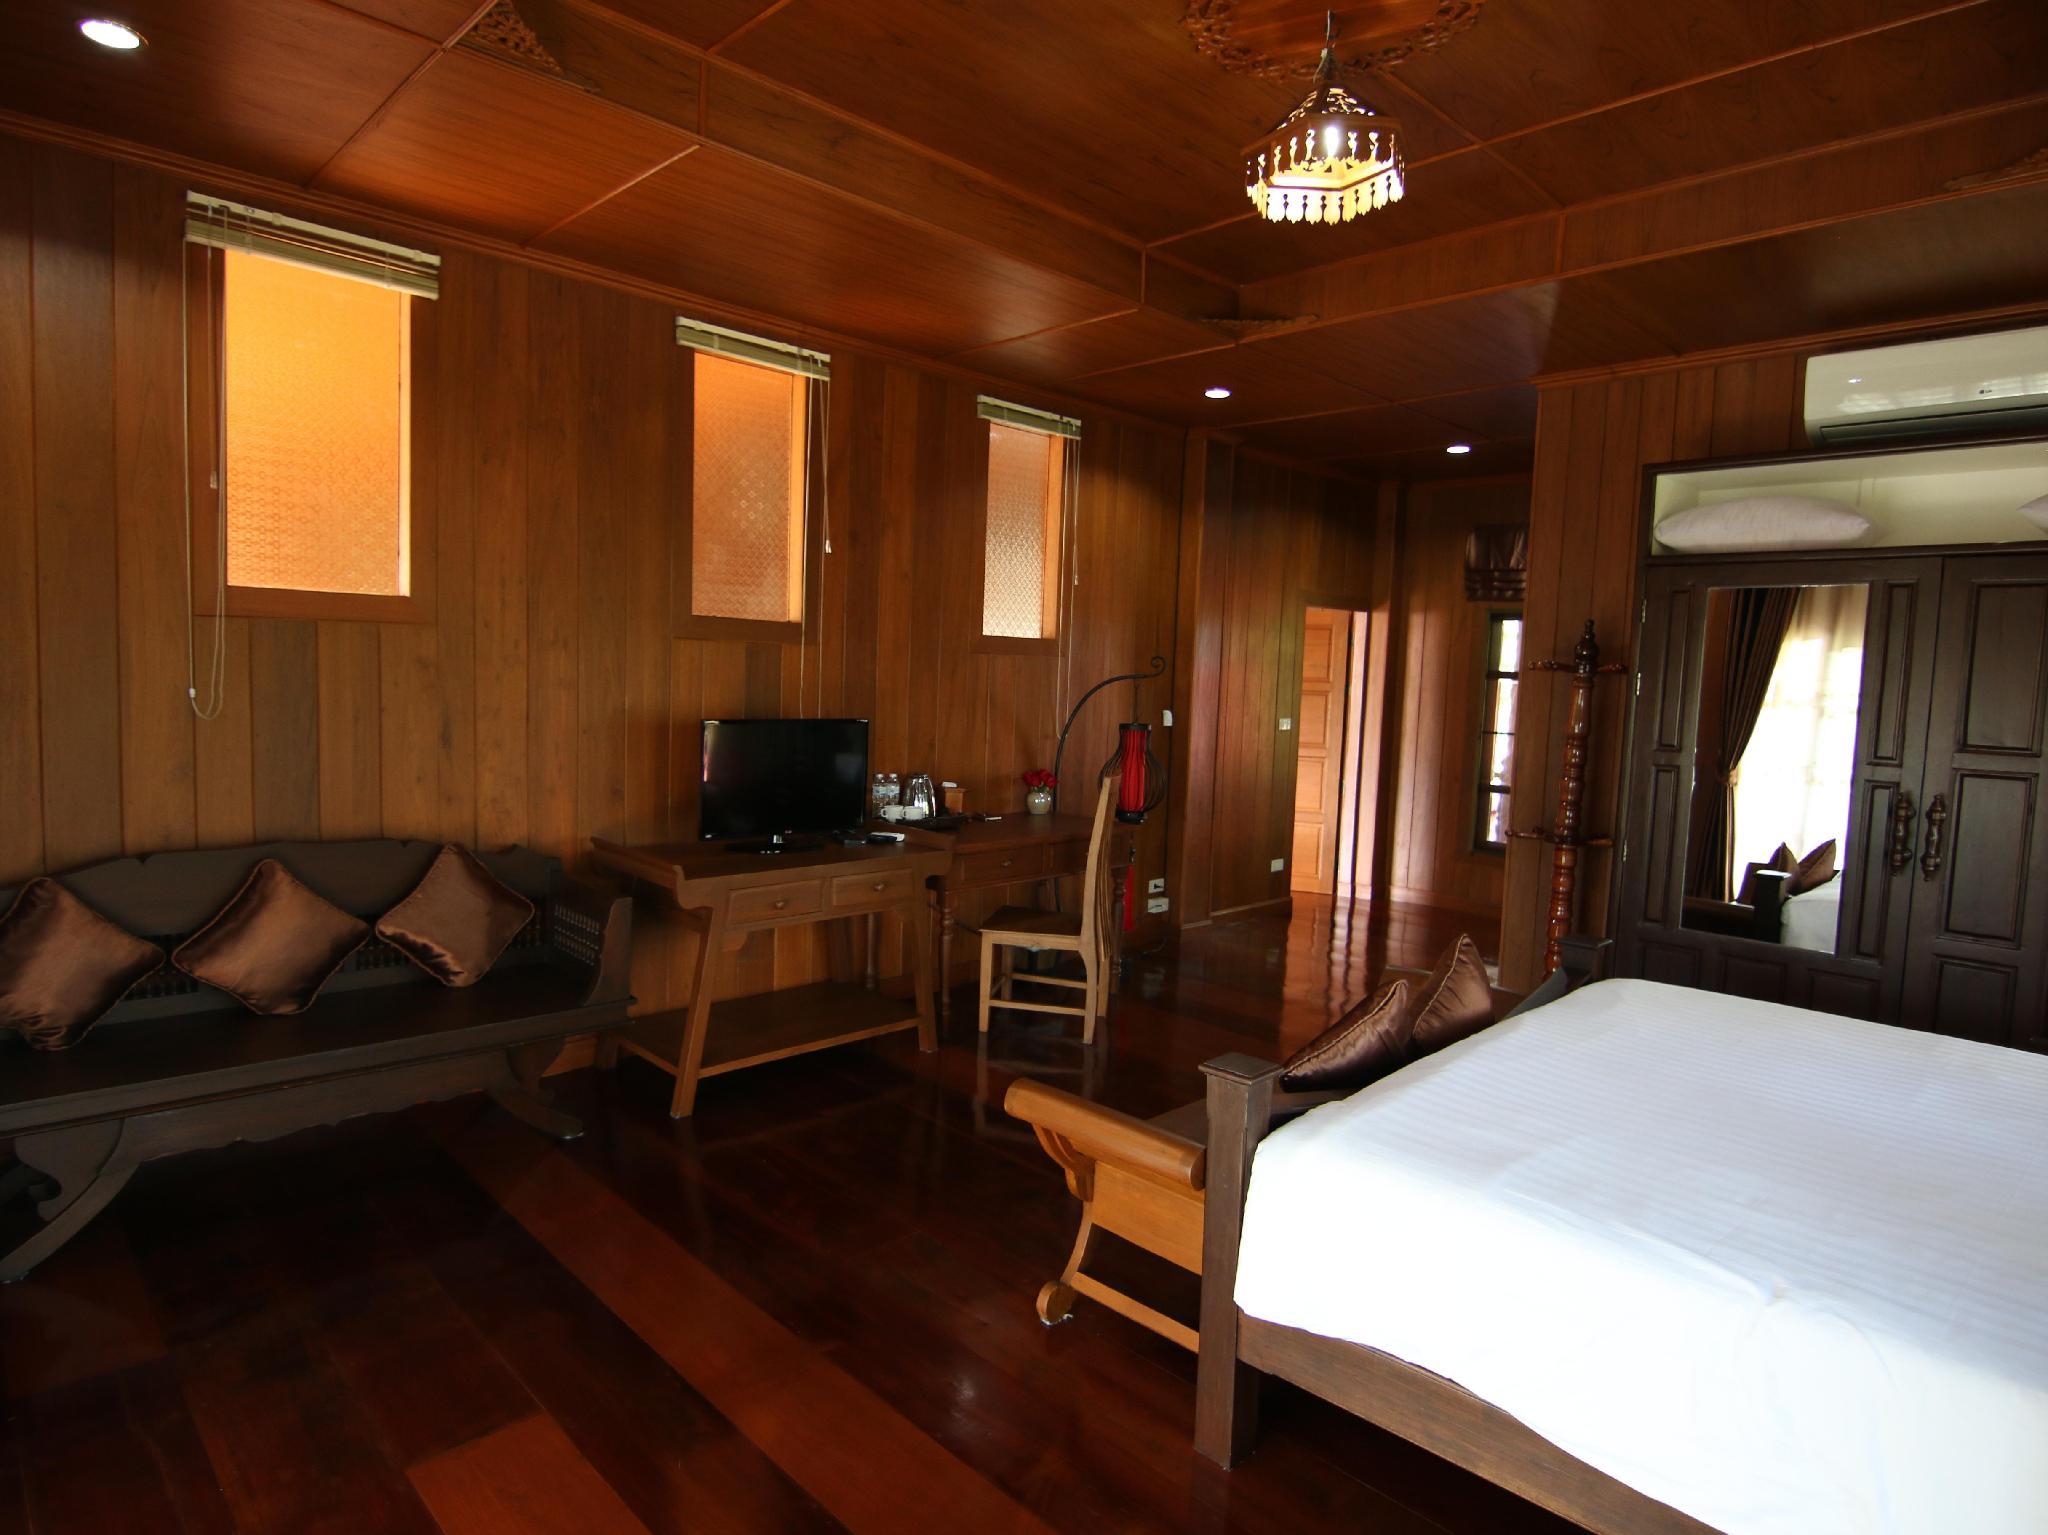 小柚木家庭旅馆,ลิตเติ้ล ทีค โฮมสเตย์